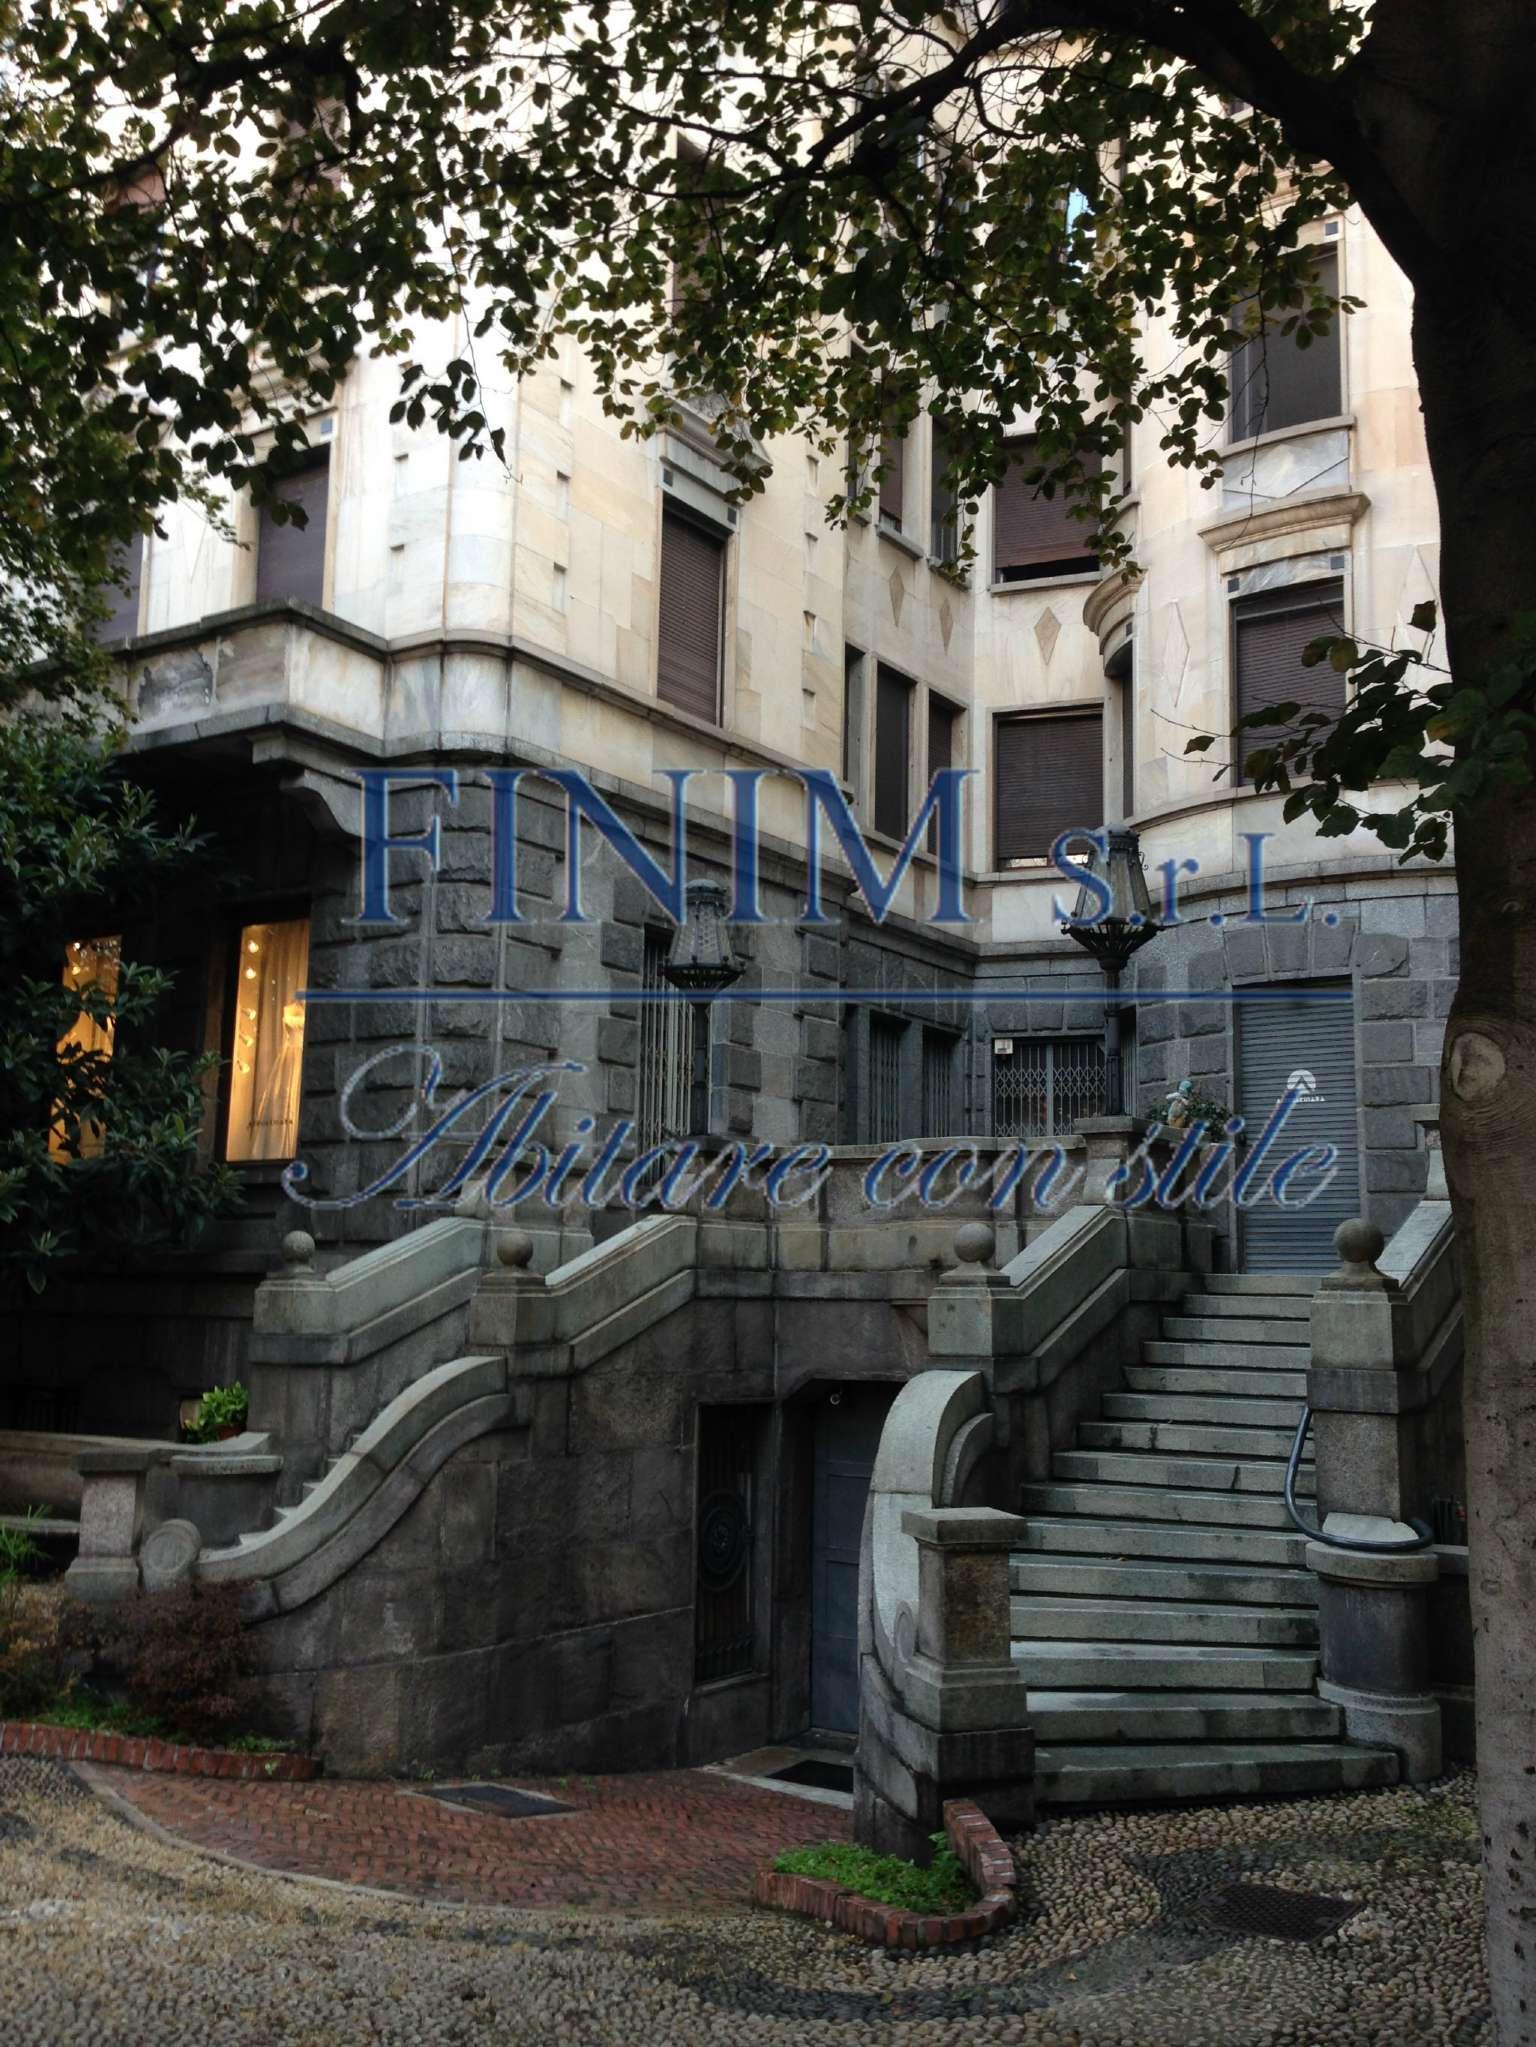 Ufficio-studio in Affitto a Milano 03 Venezia / Piave / Buenos Aires: 4 locali, 150 mq